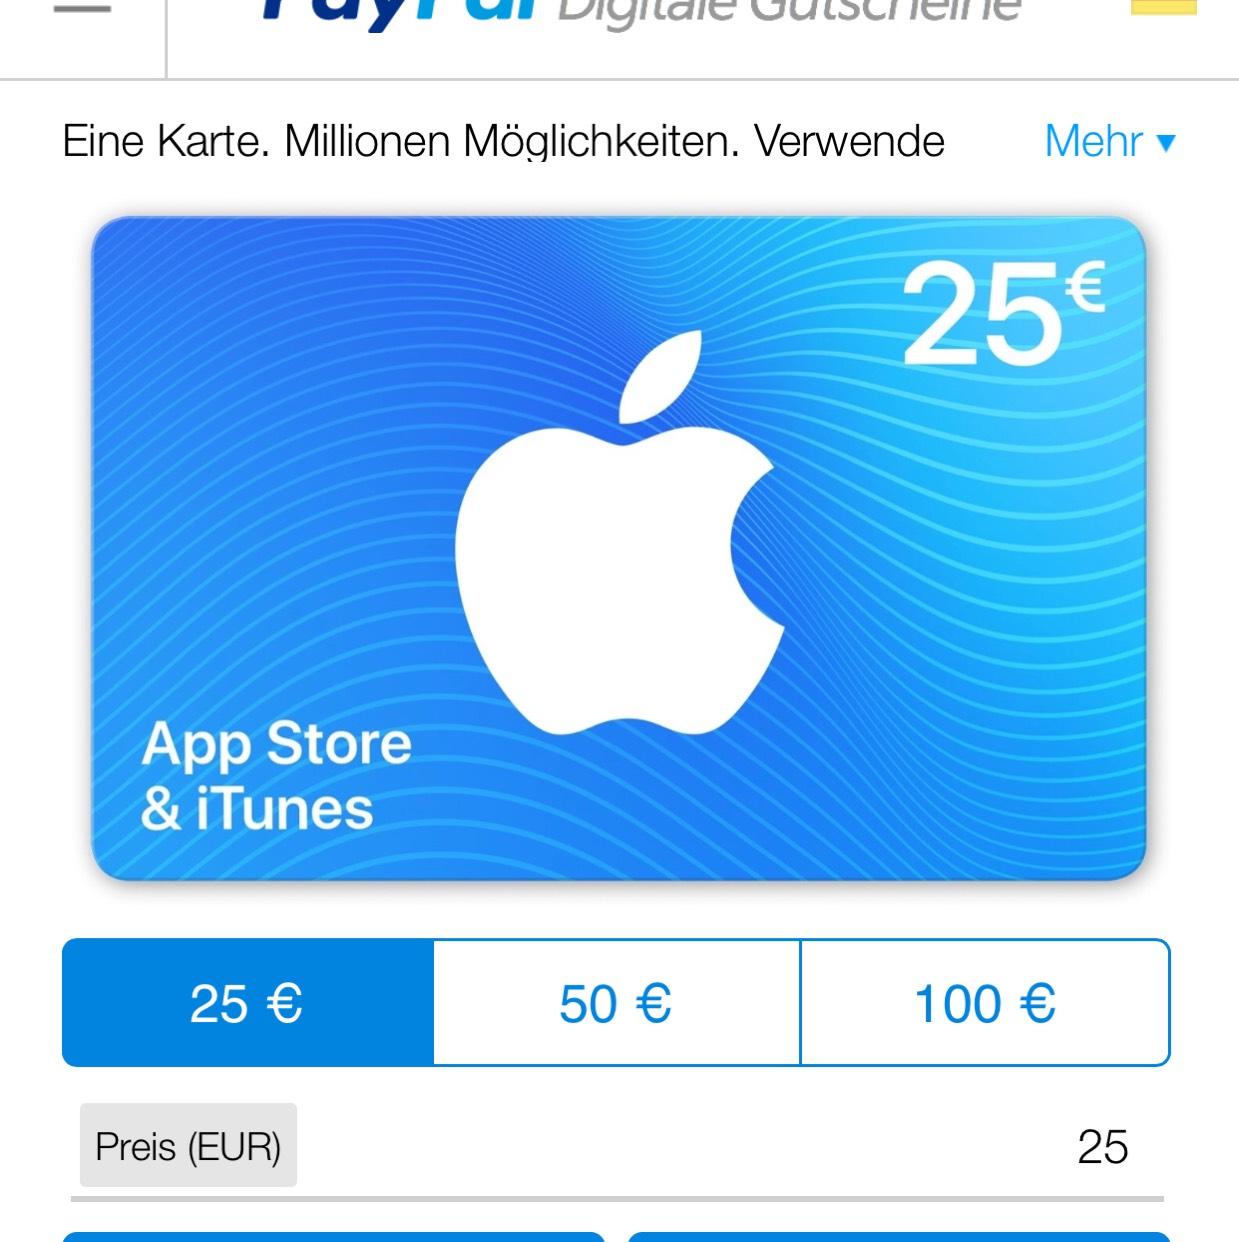 ITunes/AppStore Digitalgutschein 15% on Top